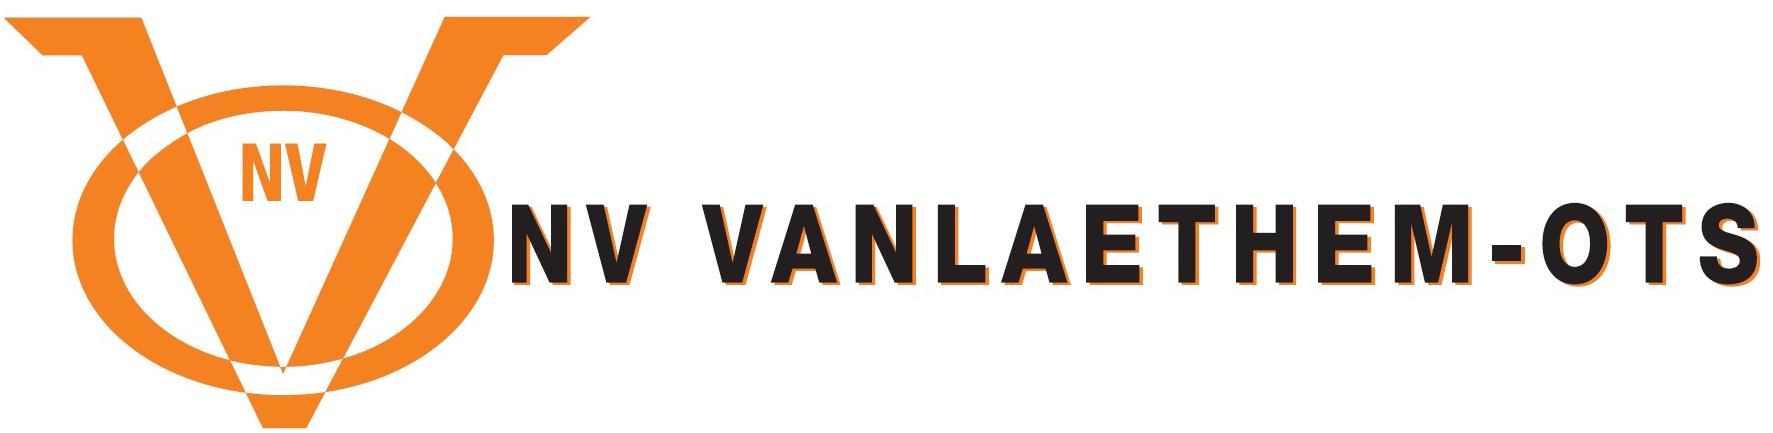 Vanlaethem-Ots